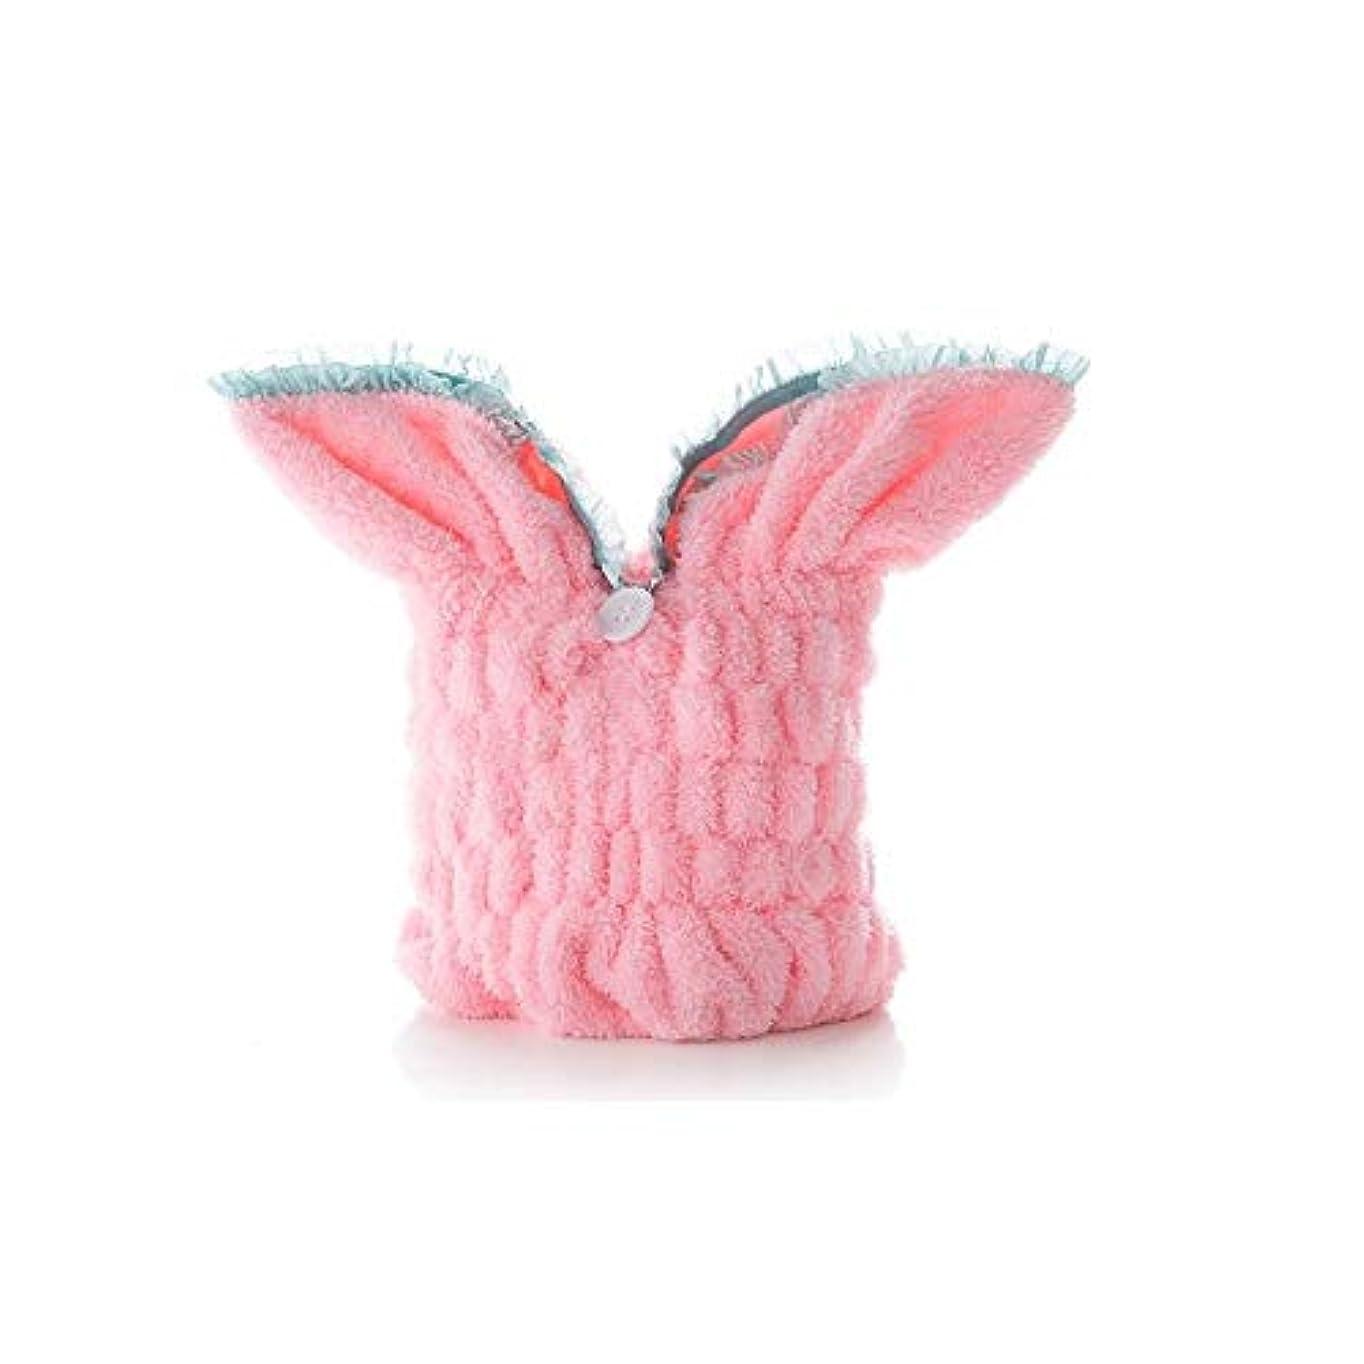 帝国デザイナー懲らしめHJRD ウサギの耳大人子供ドライヘアーキャップ、クイック吸収ヘアードライ毛タオル、包頭のシャワーキャップ (Color : Pink)